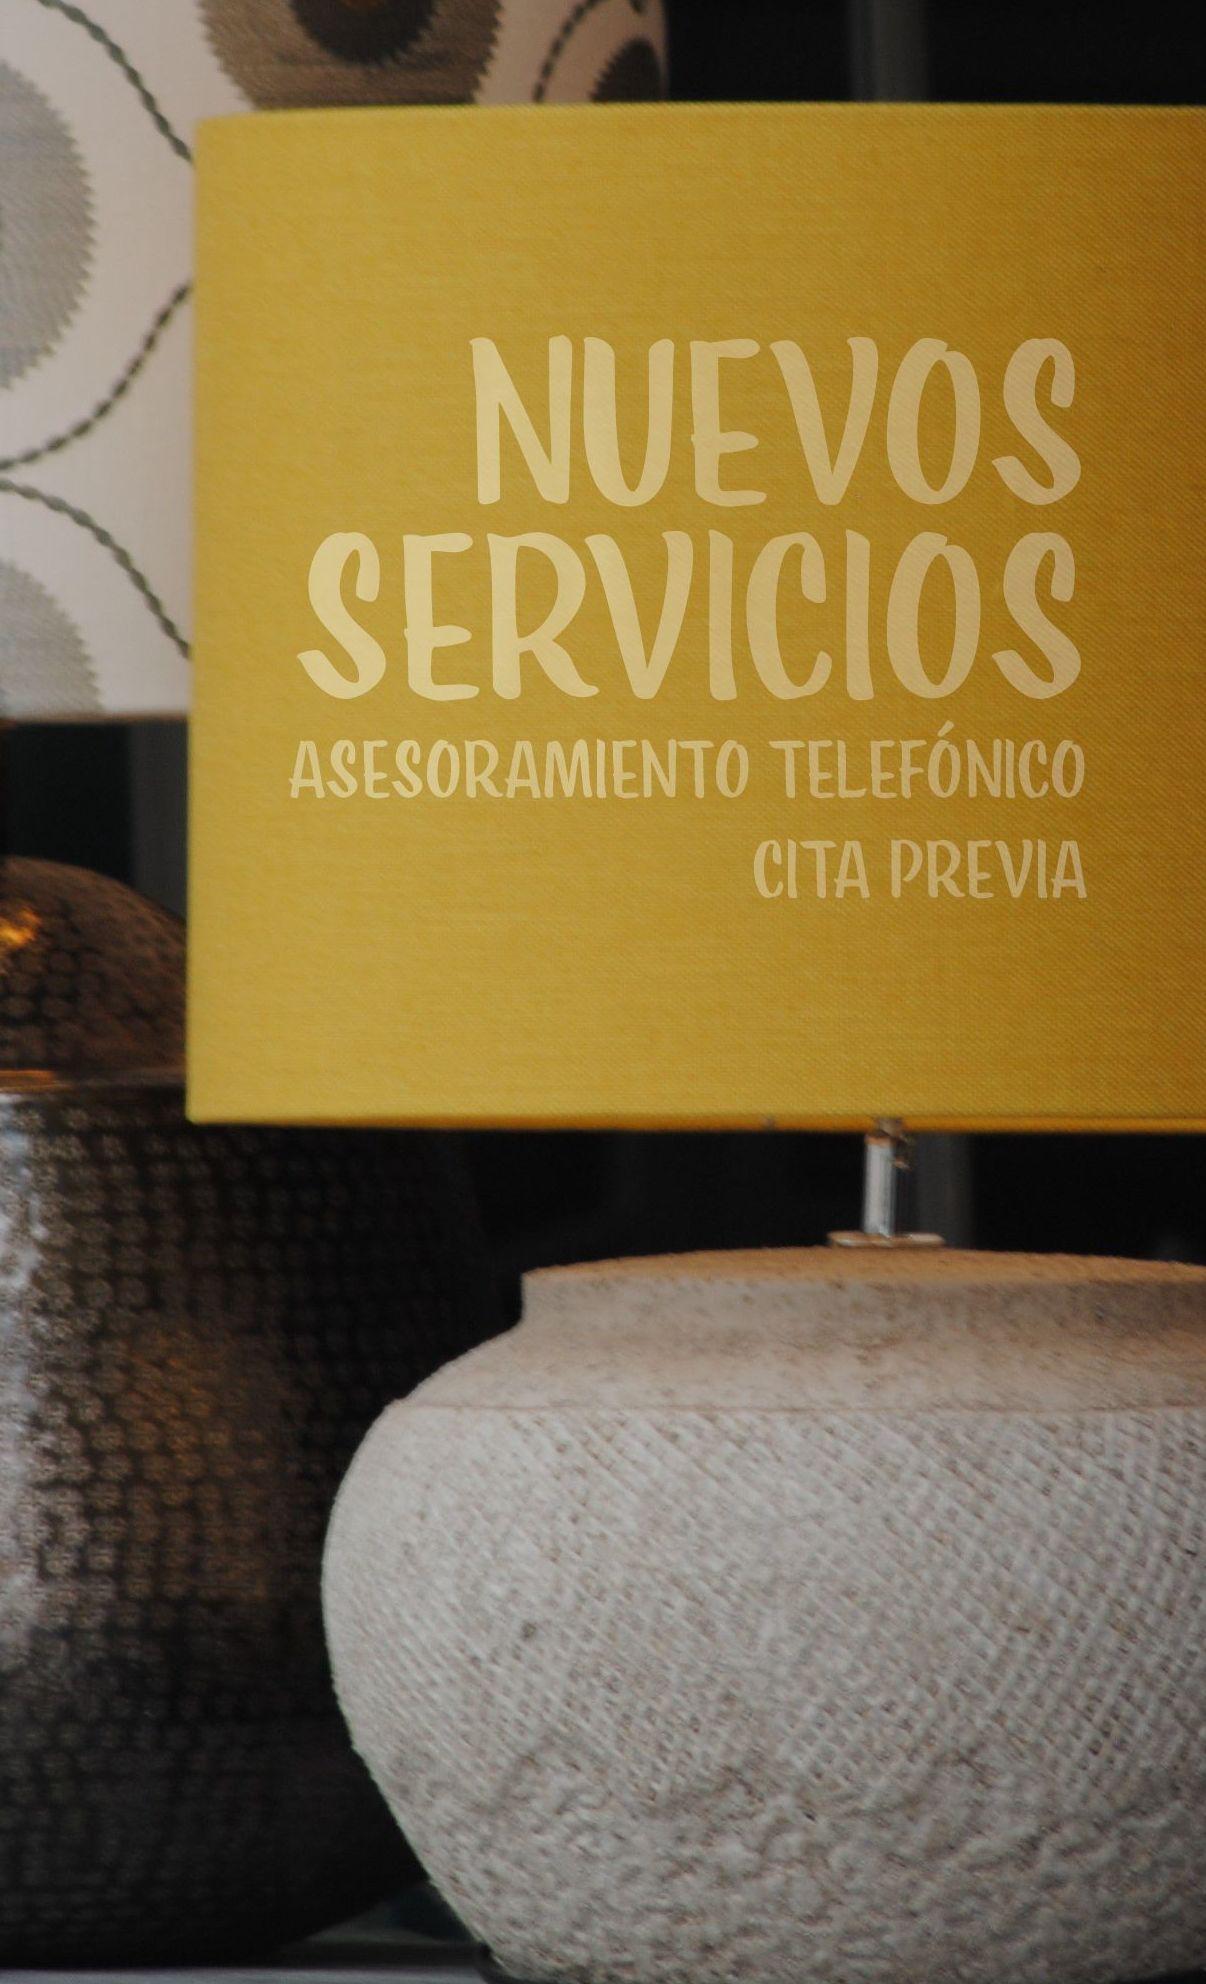 NUEVOS SERVICIOS